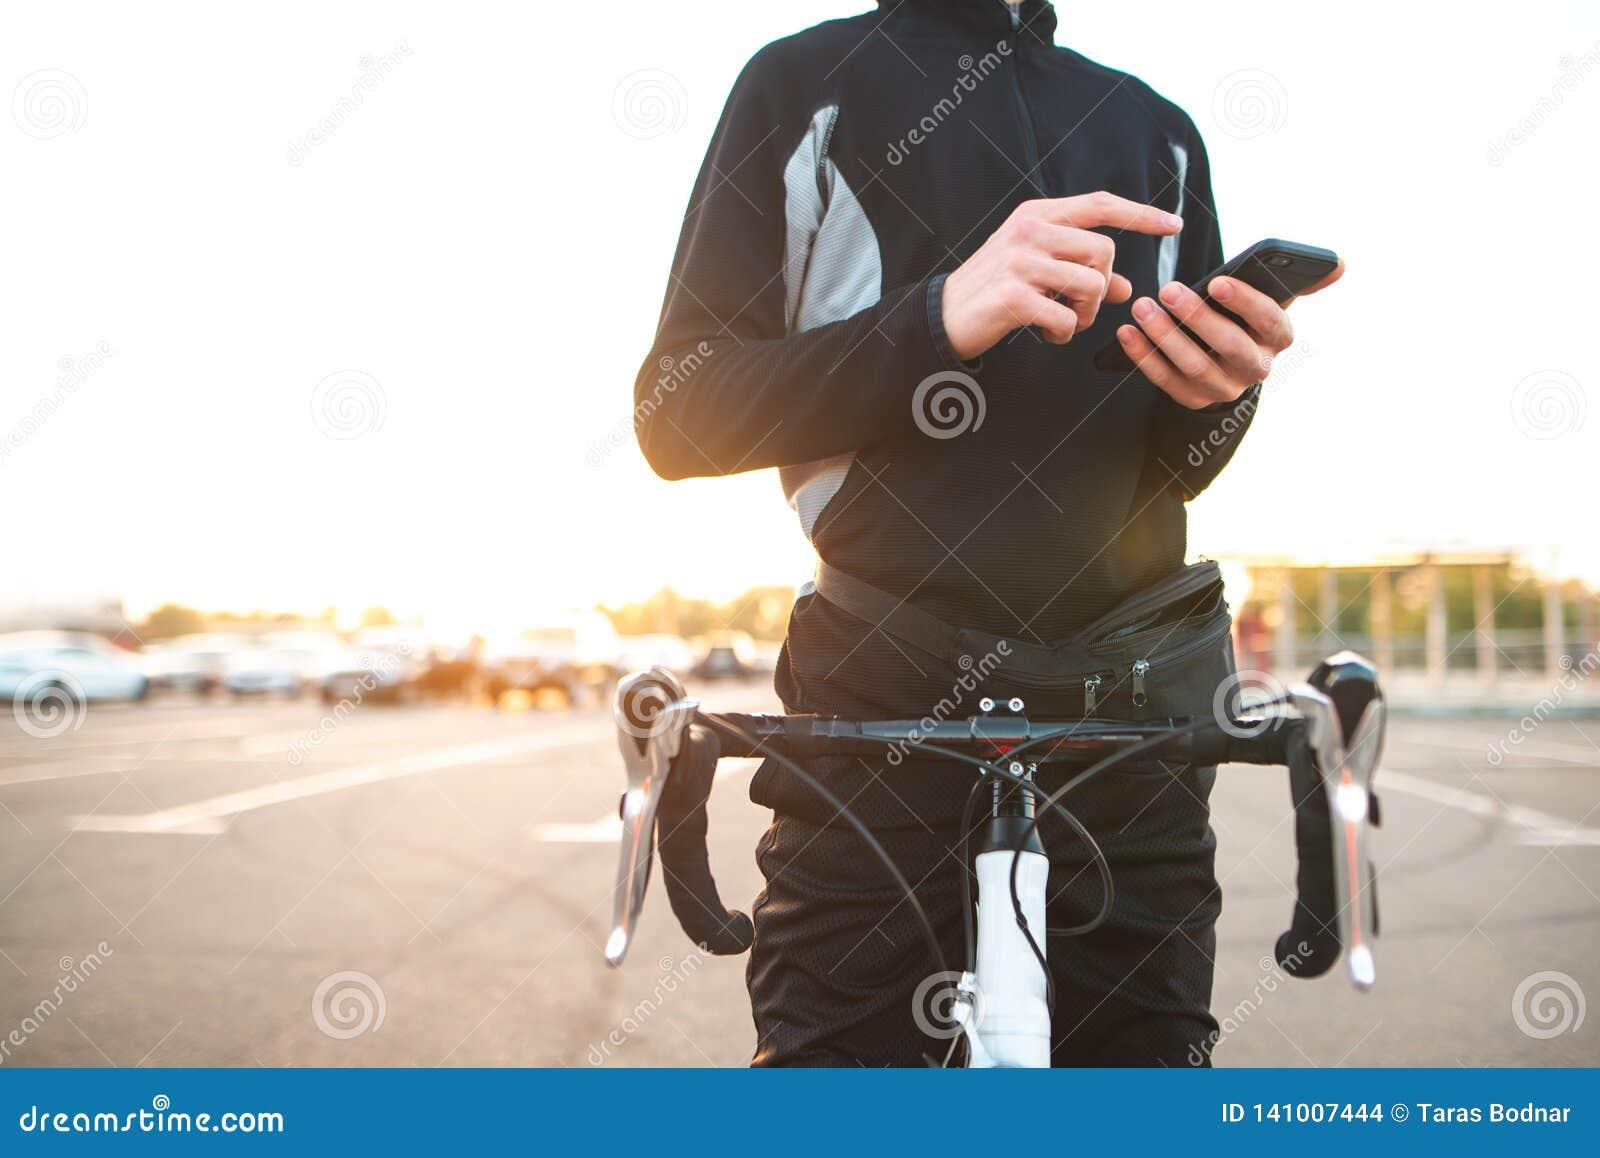 Close-up van een hand met een smartphone bij een mens met een fiets De rust van de fietsruiter en het gebruiken van een smartphon